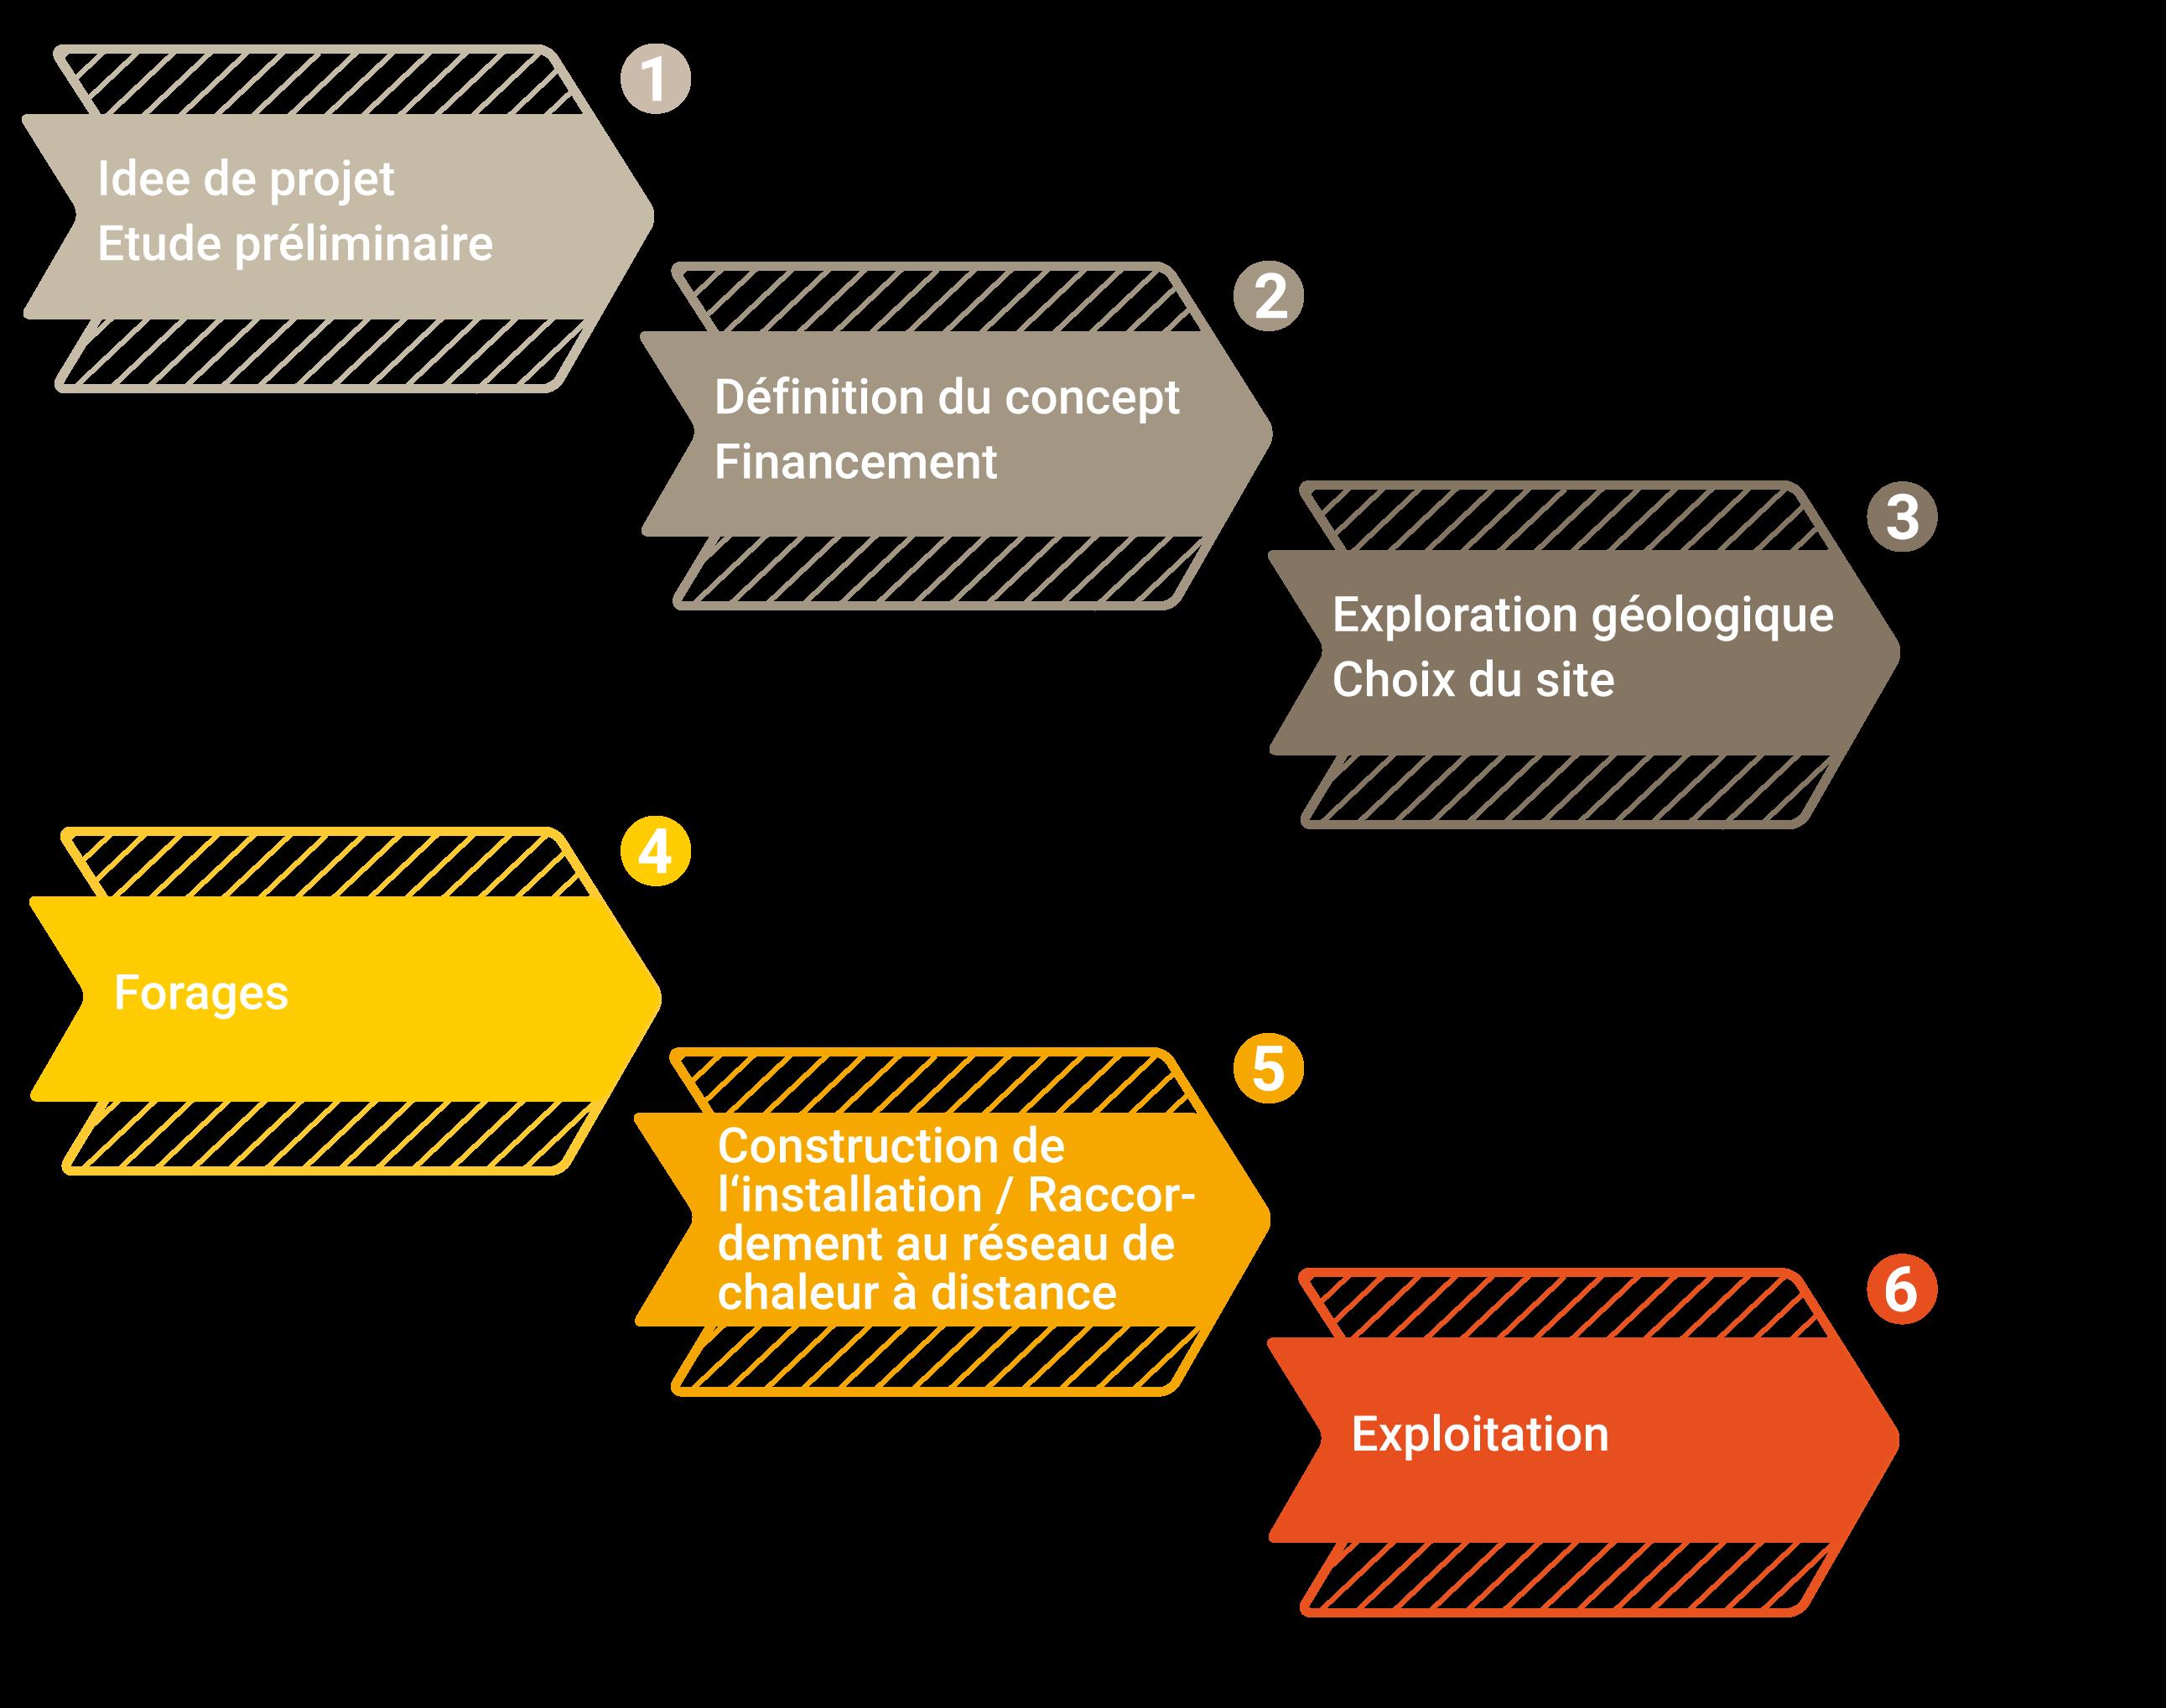 Déroulement de la procédure pour un projet de géothermie à moyenne profondeur (Source: GEOTHERMIE.CH)